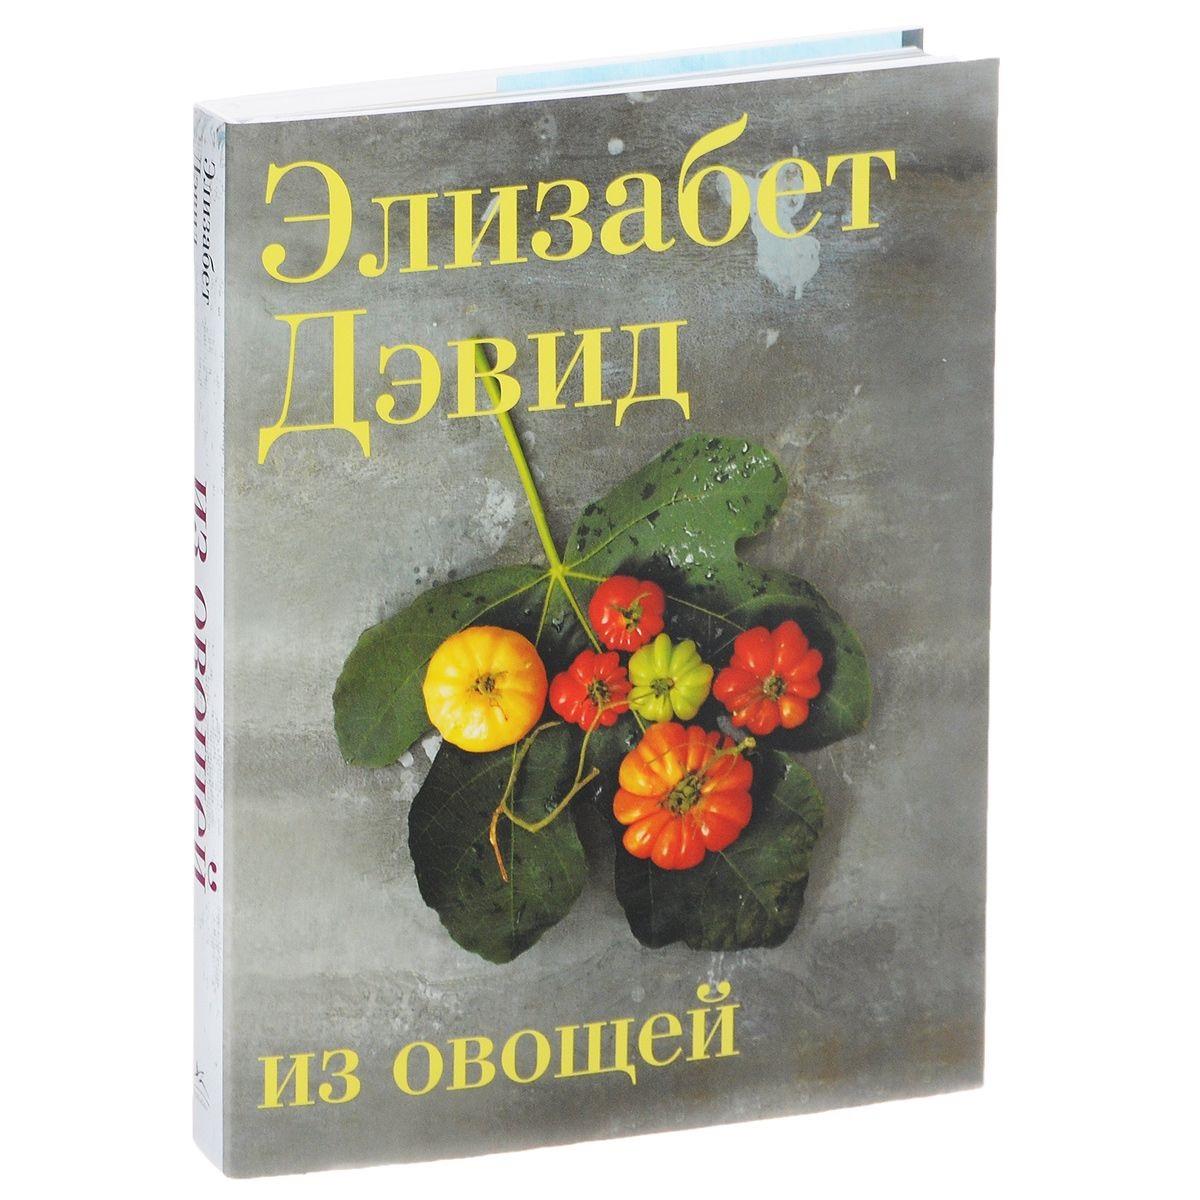 Книга Э. Дэвид  Из овощей, серия Высокая кухня - Чтение для родителей, артикул: 157426